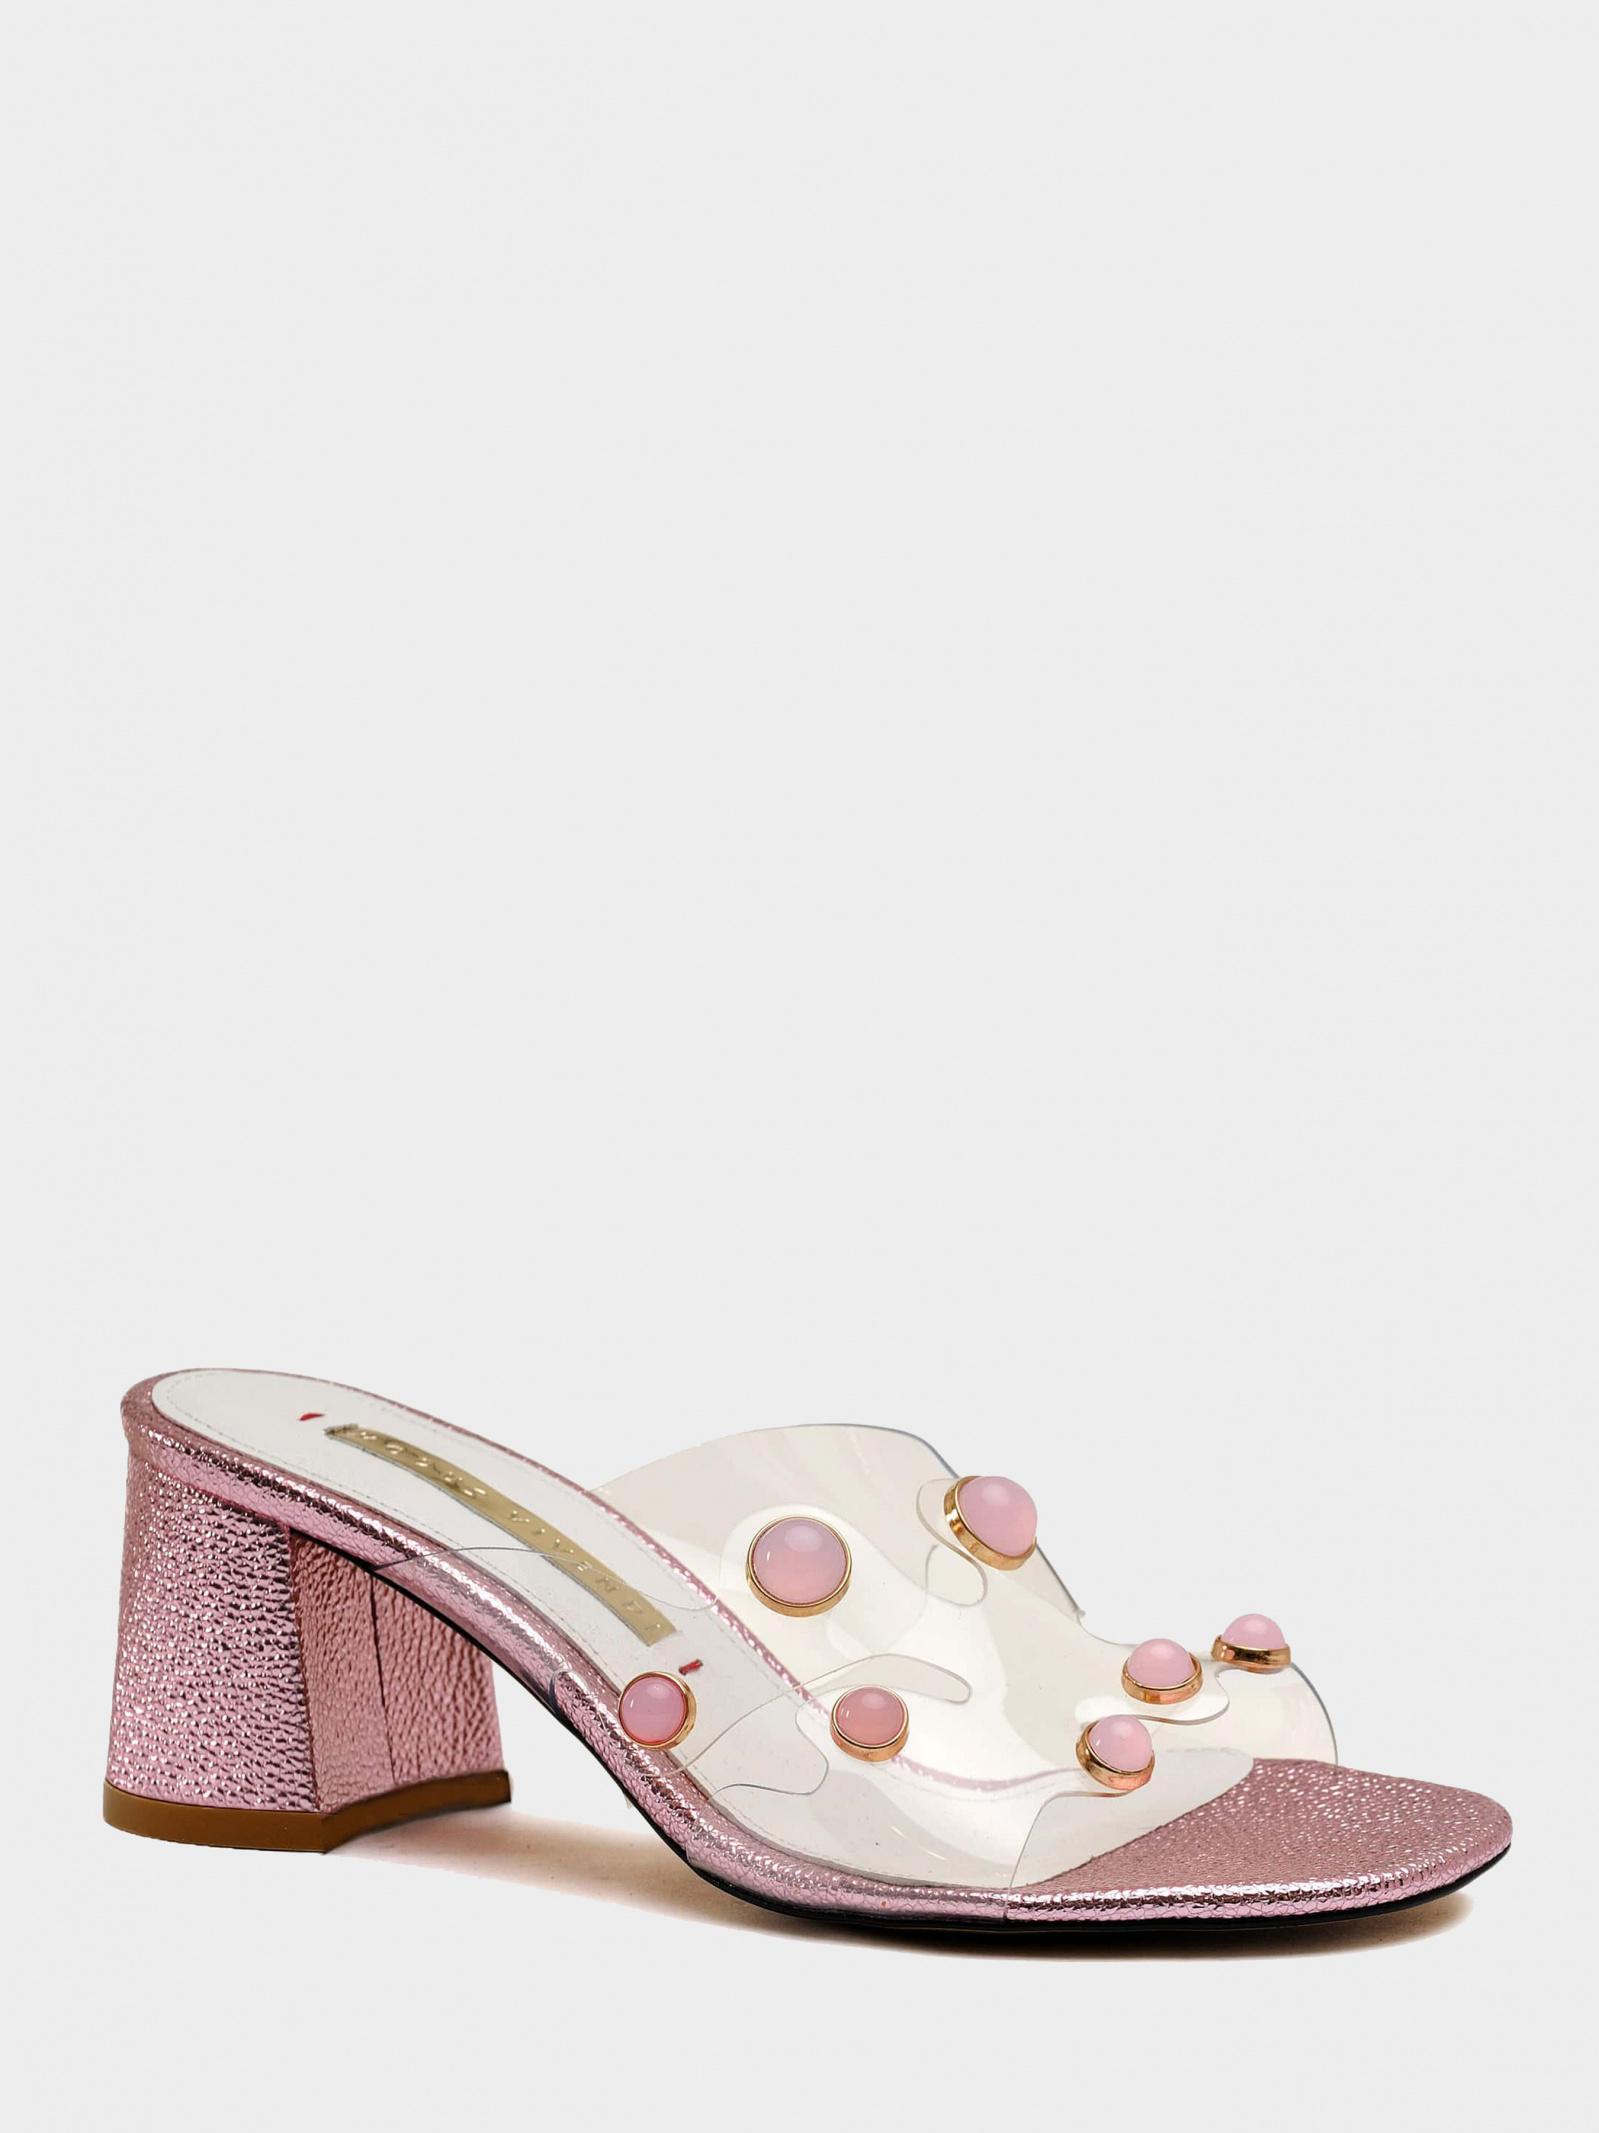 Босоніжки  для жінок Modus Vivendi 293323 розміри взуття, 2017